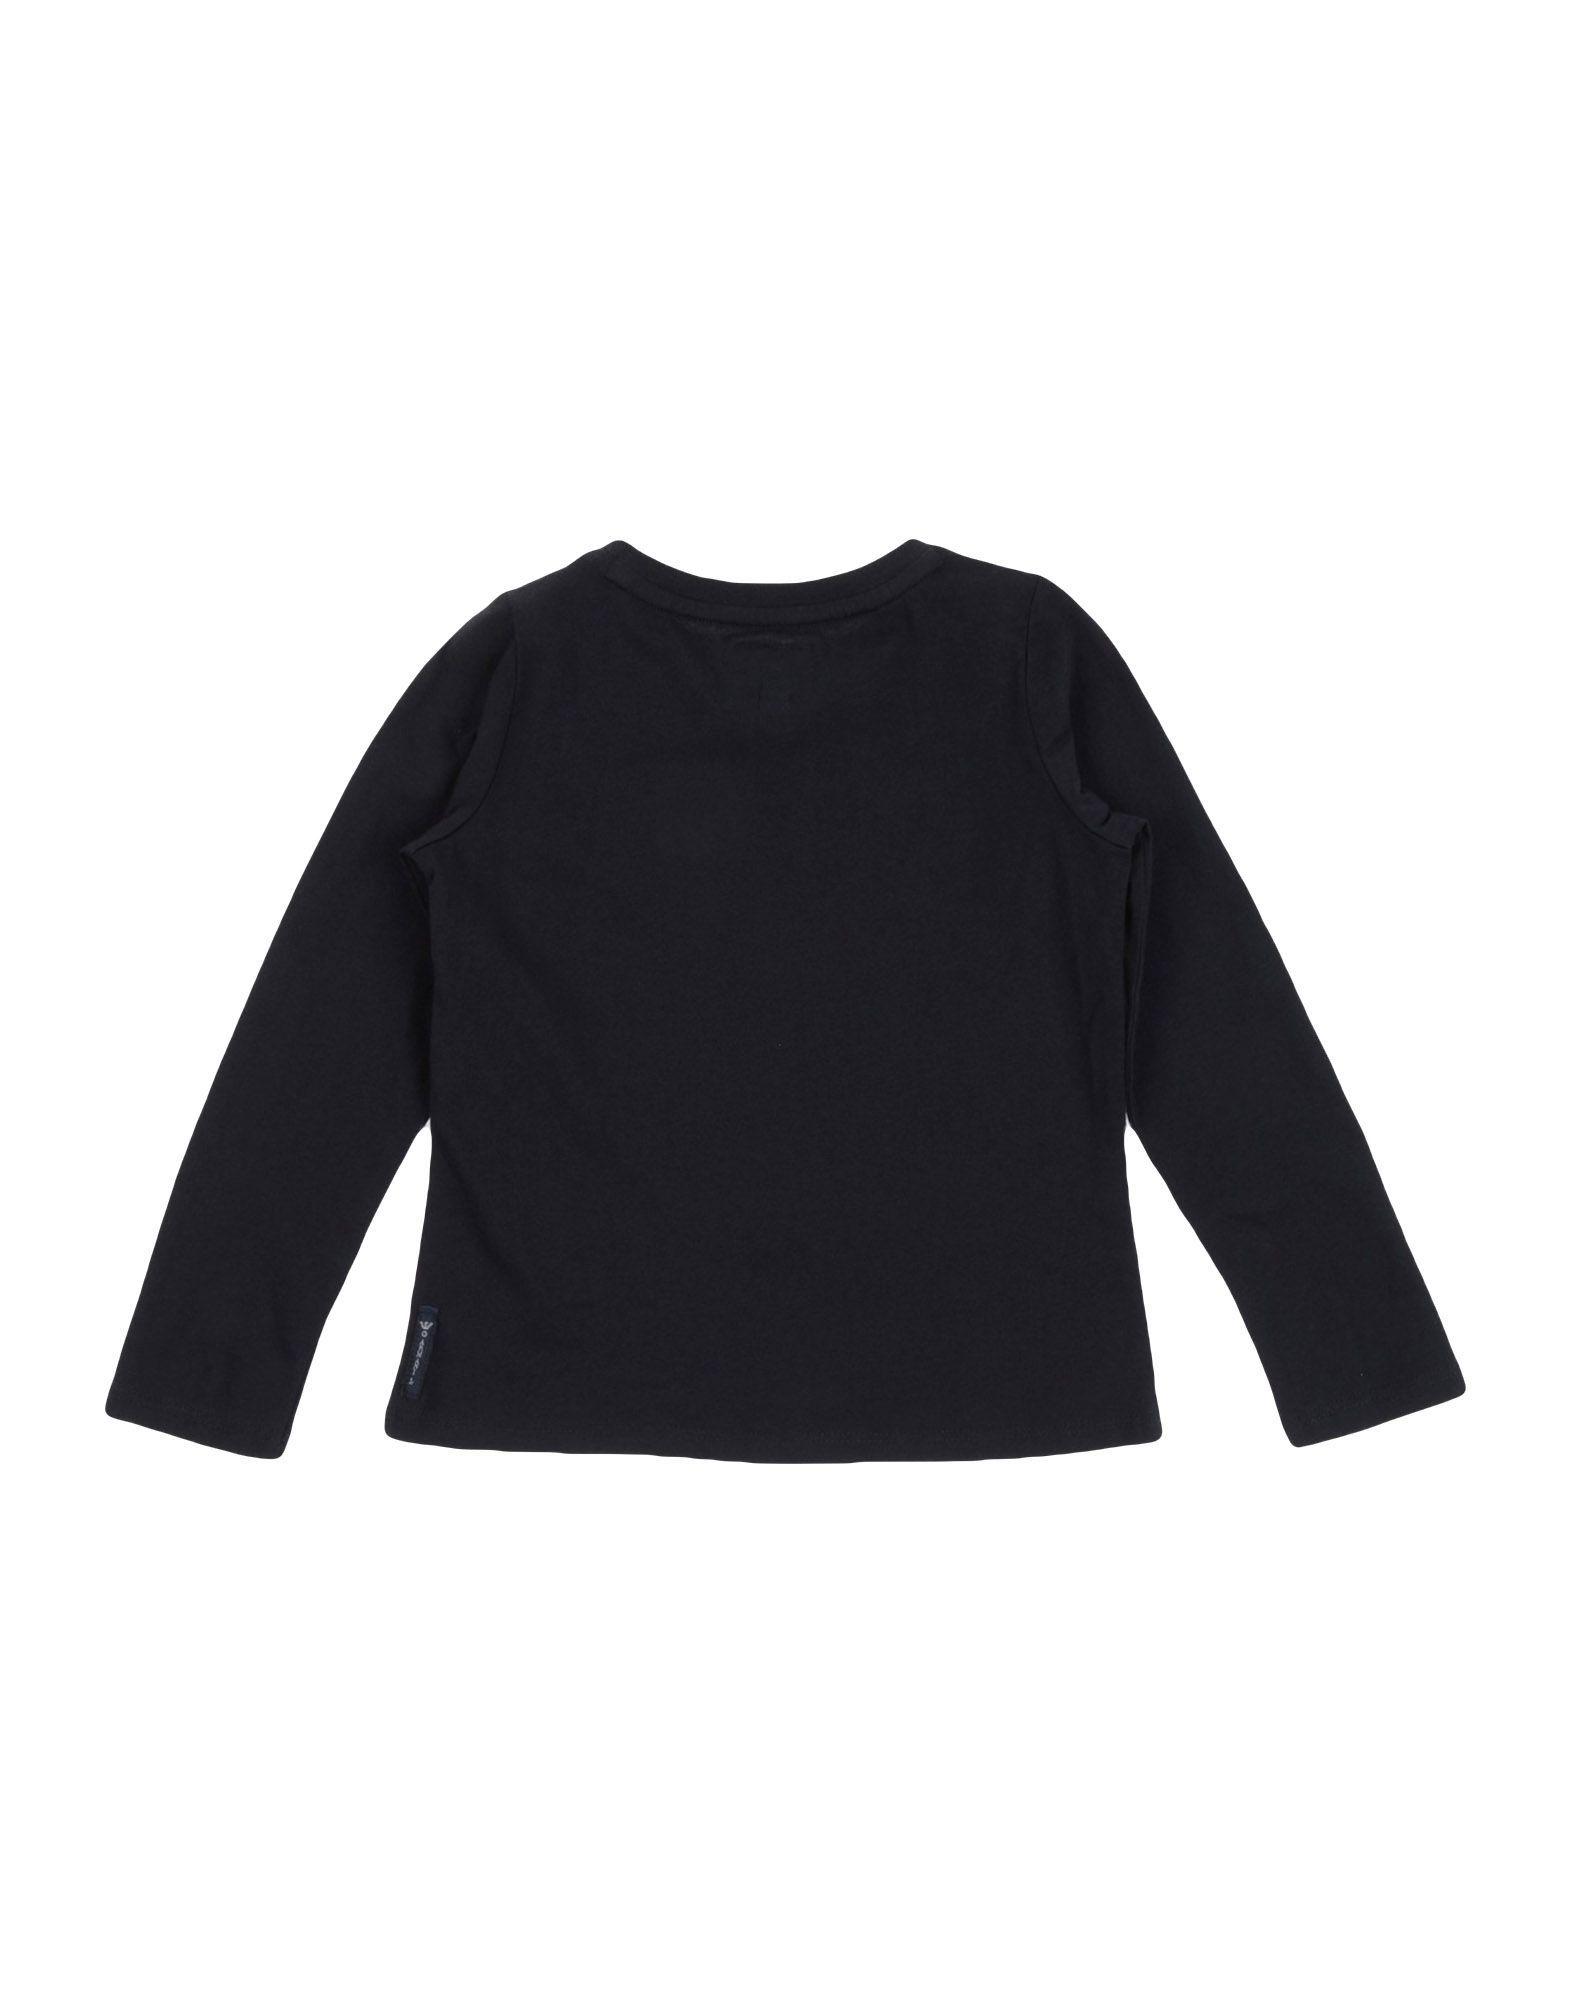 TOPWEAR Armani Junior Black Girl Cotton